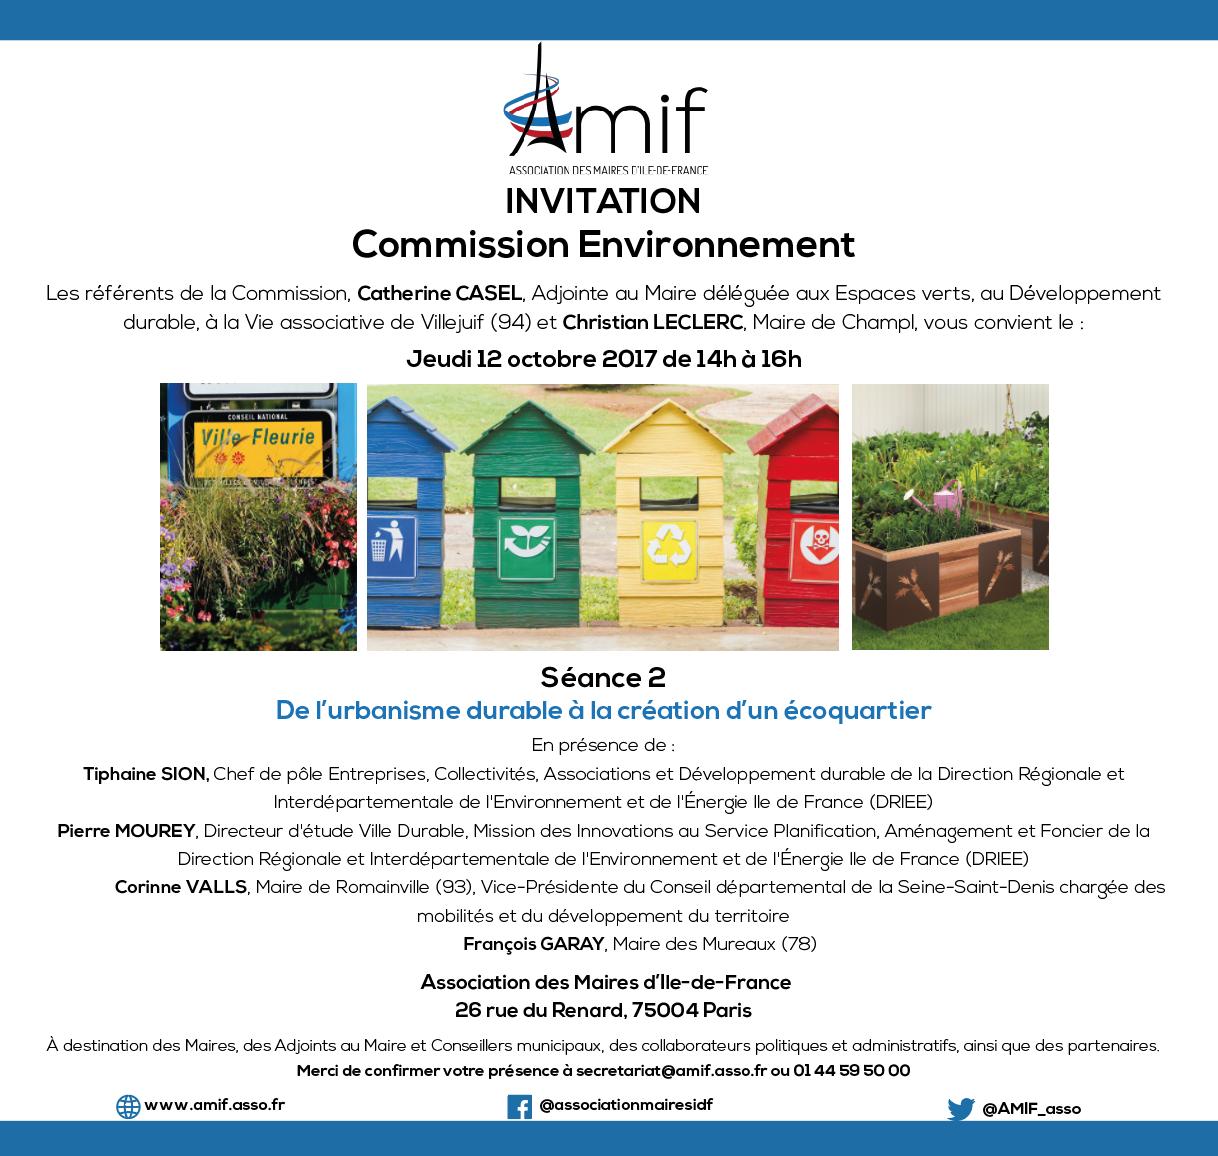 Commission Environnement - Séance 2 - Jeudi 12 octobre 2017 - 14h-16h